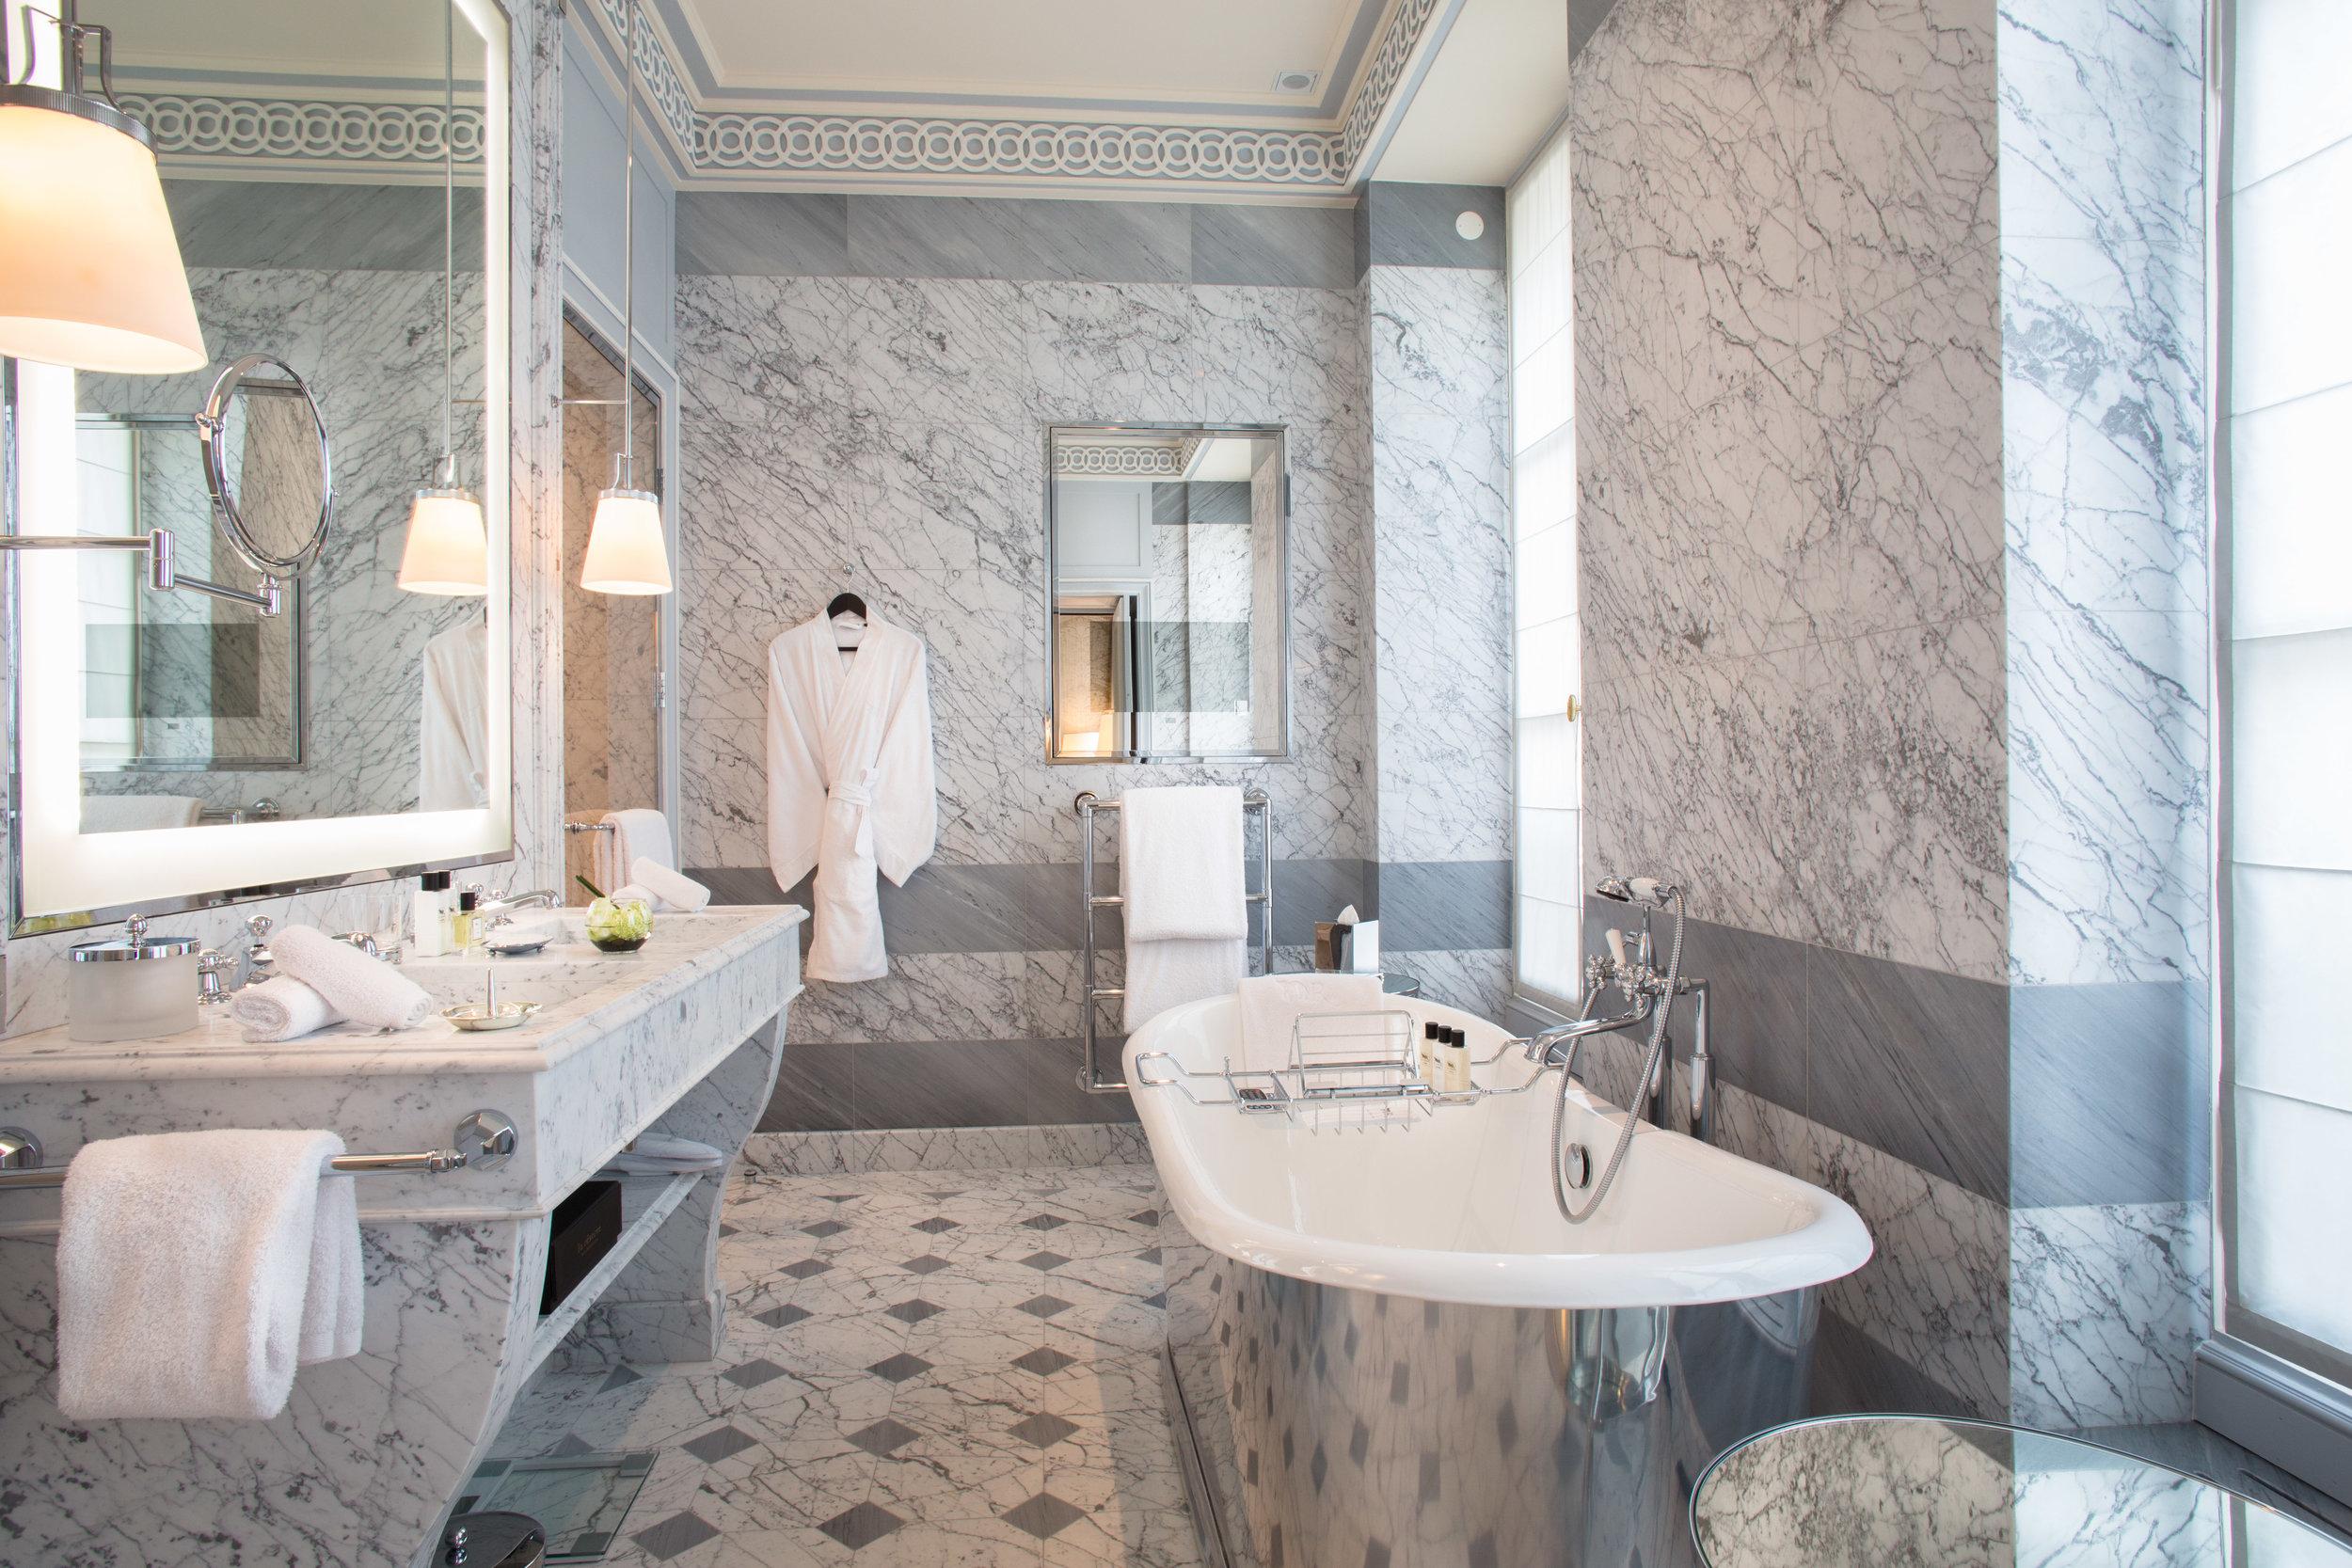 La Réserve Hotel & Spa - salle de bain - Crédits photo G. Gardette - La Réserve Paris.jpg